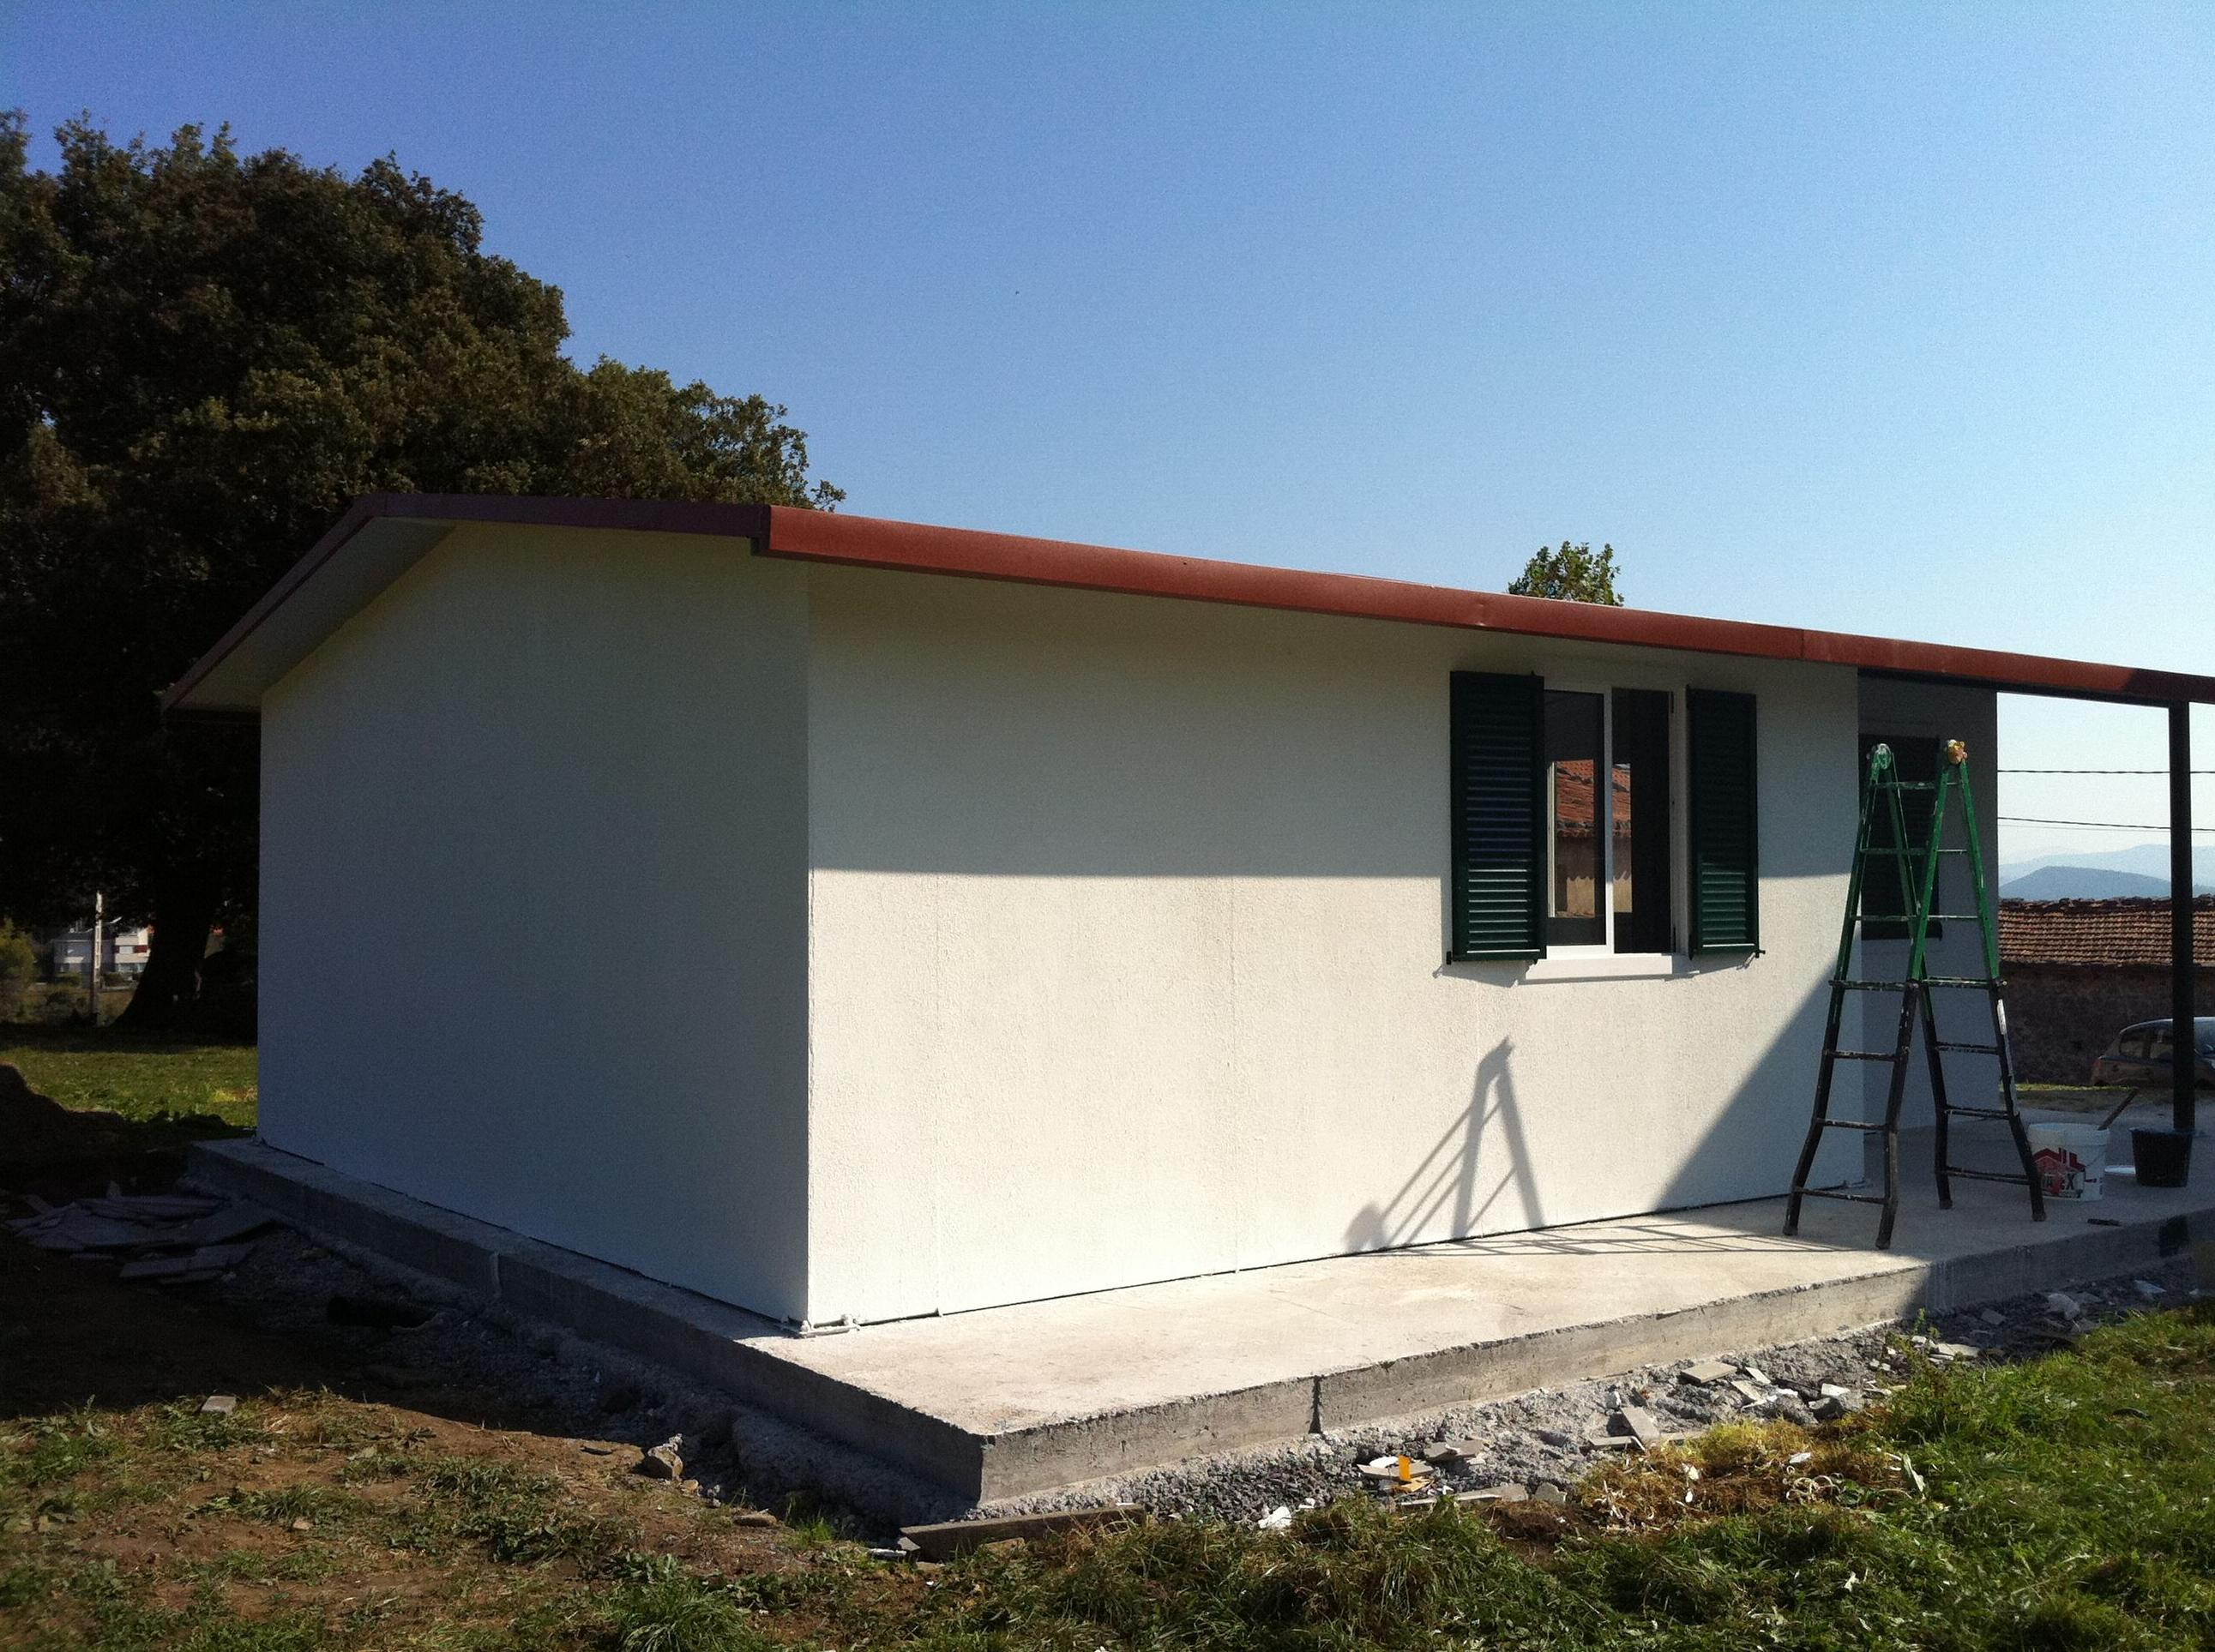 Foto 52 de Casas prefabricadas en  | Wigarma